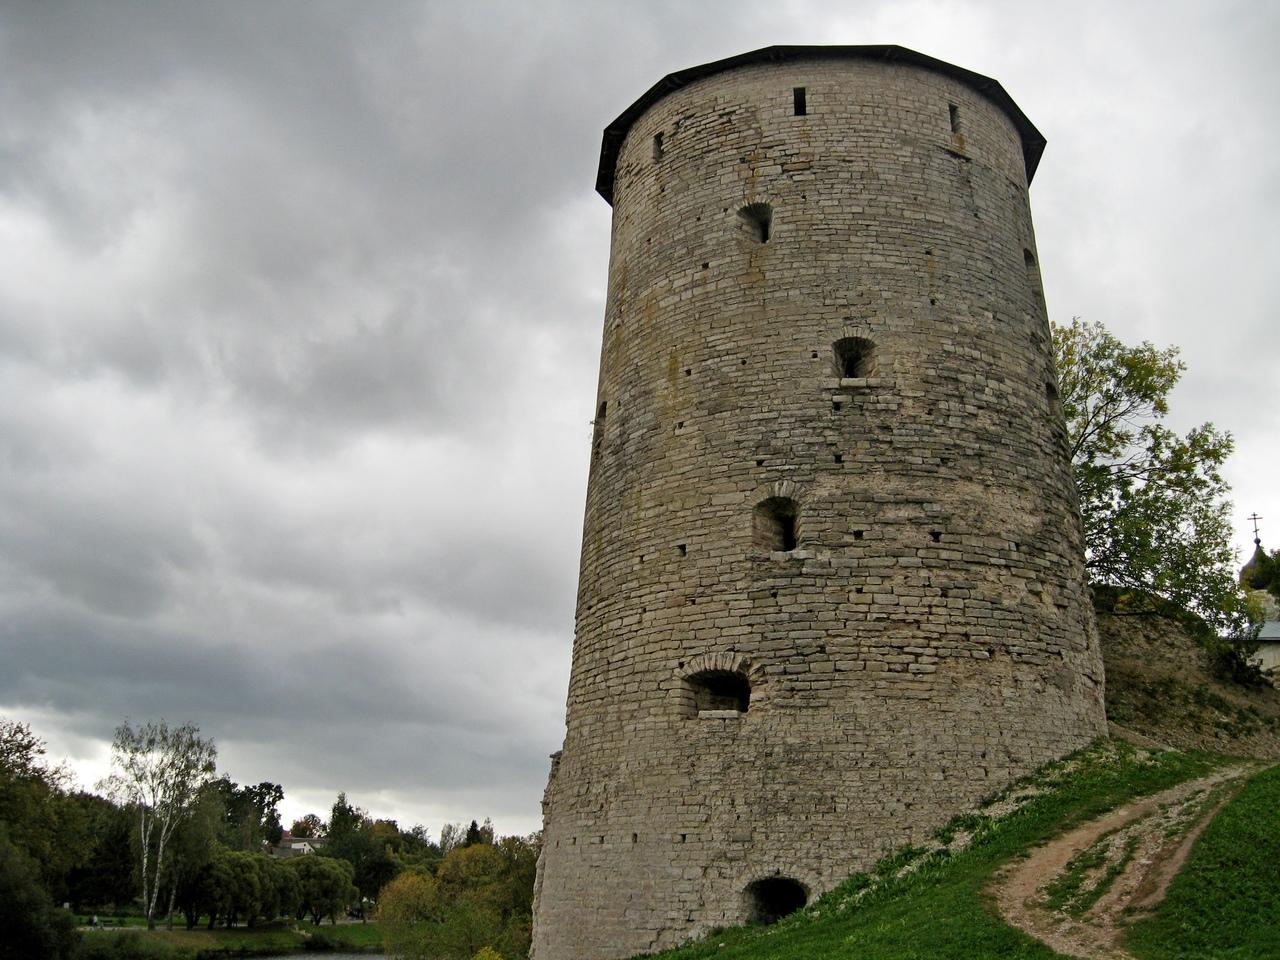 Псковская крепость. Прогулка вдоль ее стен и башен. Самая большая крепость России за всю ее историю